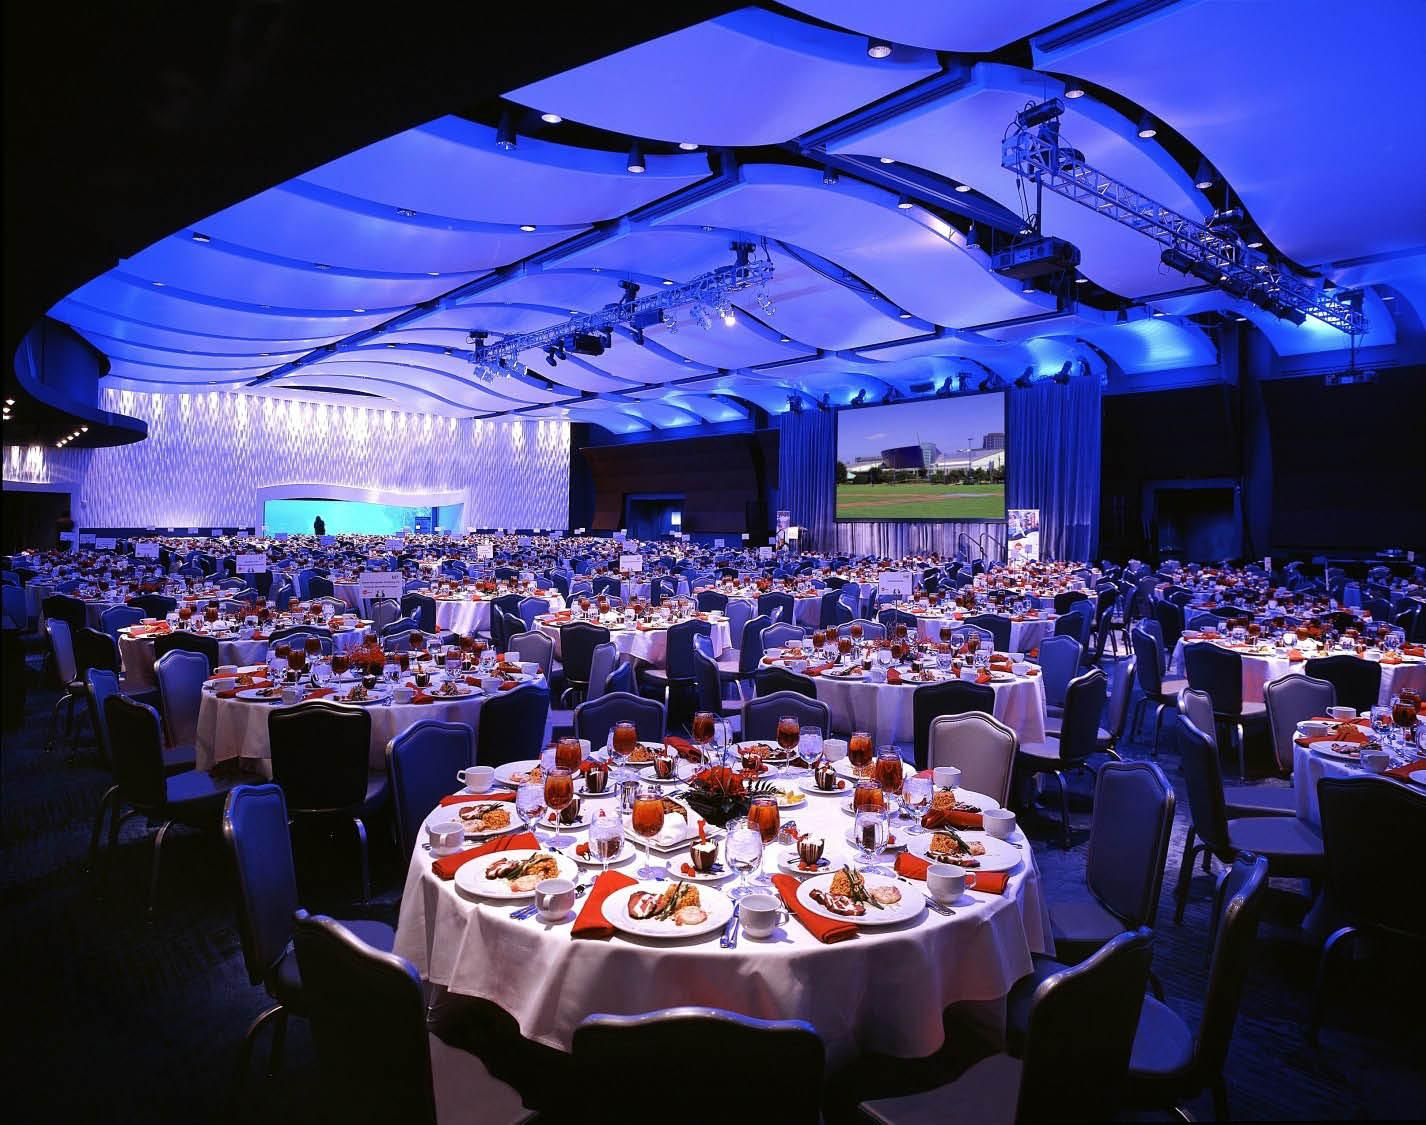 Events at Georgia Aquarium